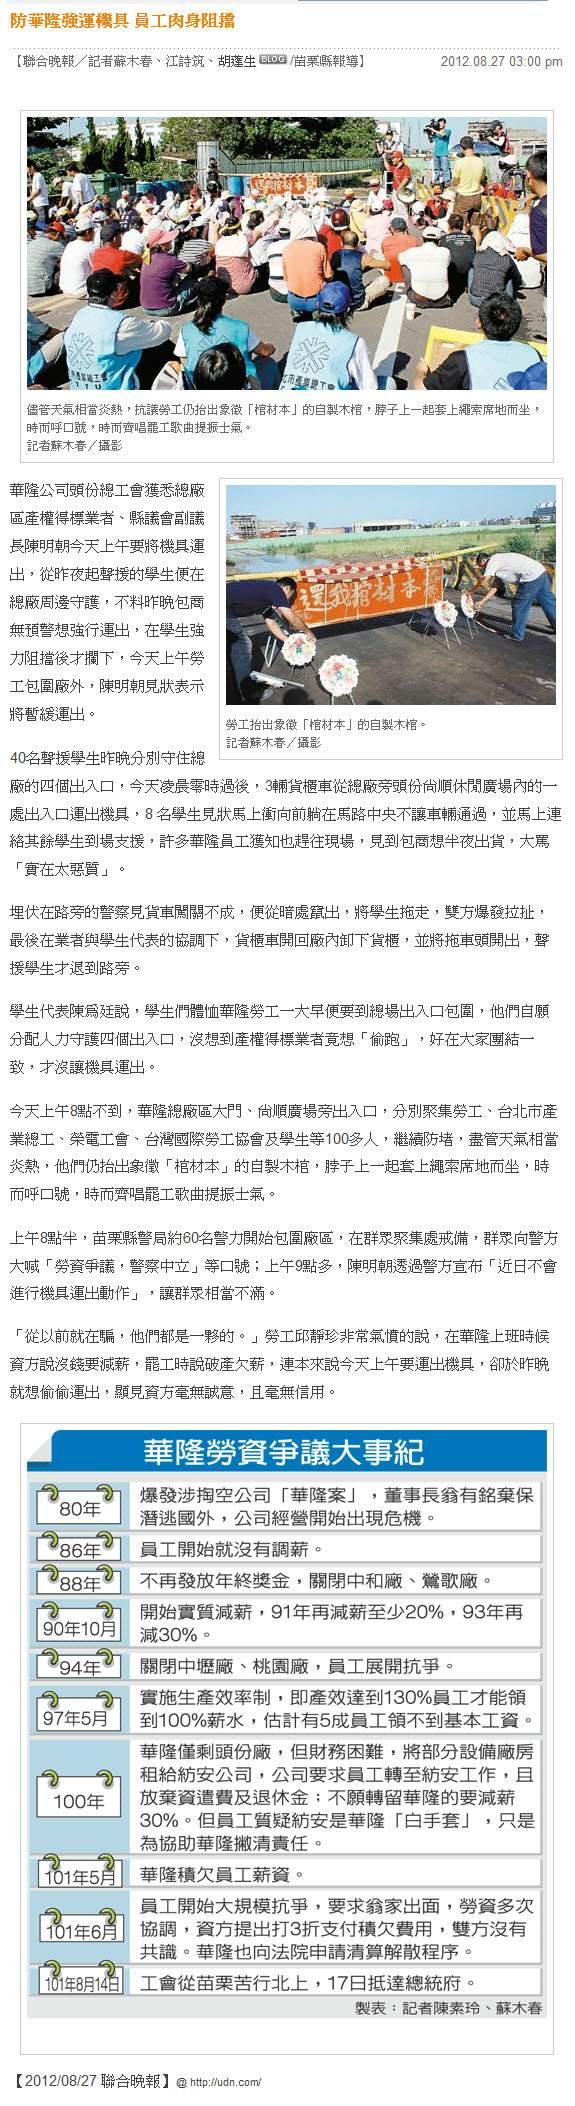 防華隆強運機具 員工肉身阻擋 -2012.08.27-01